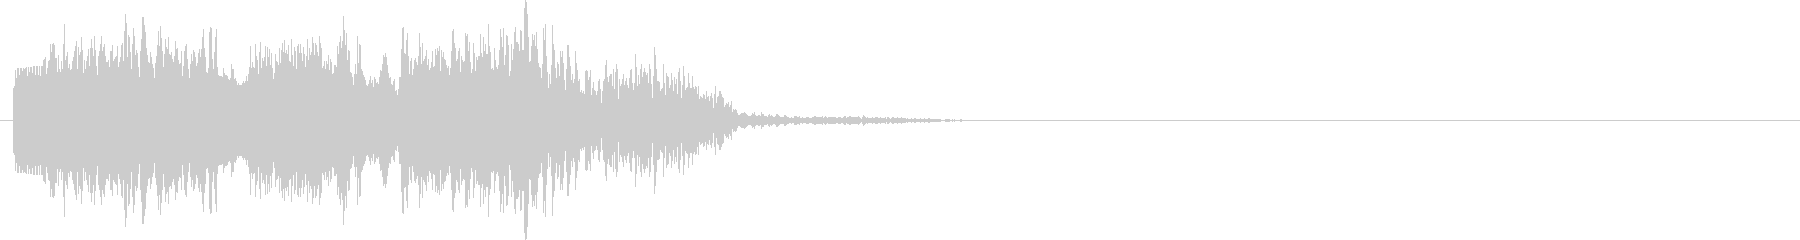 パラララララ…(ステータスアップ・上昇)の未再生の波形